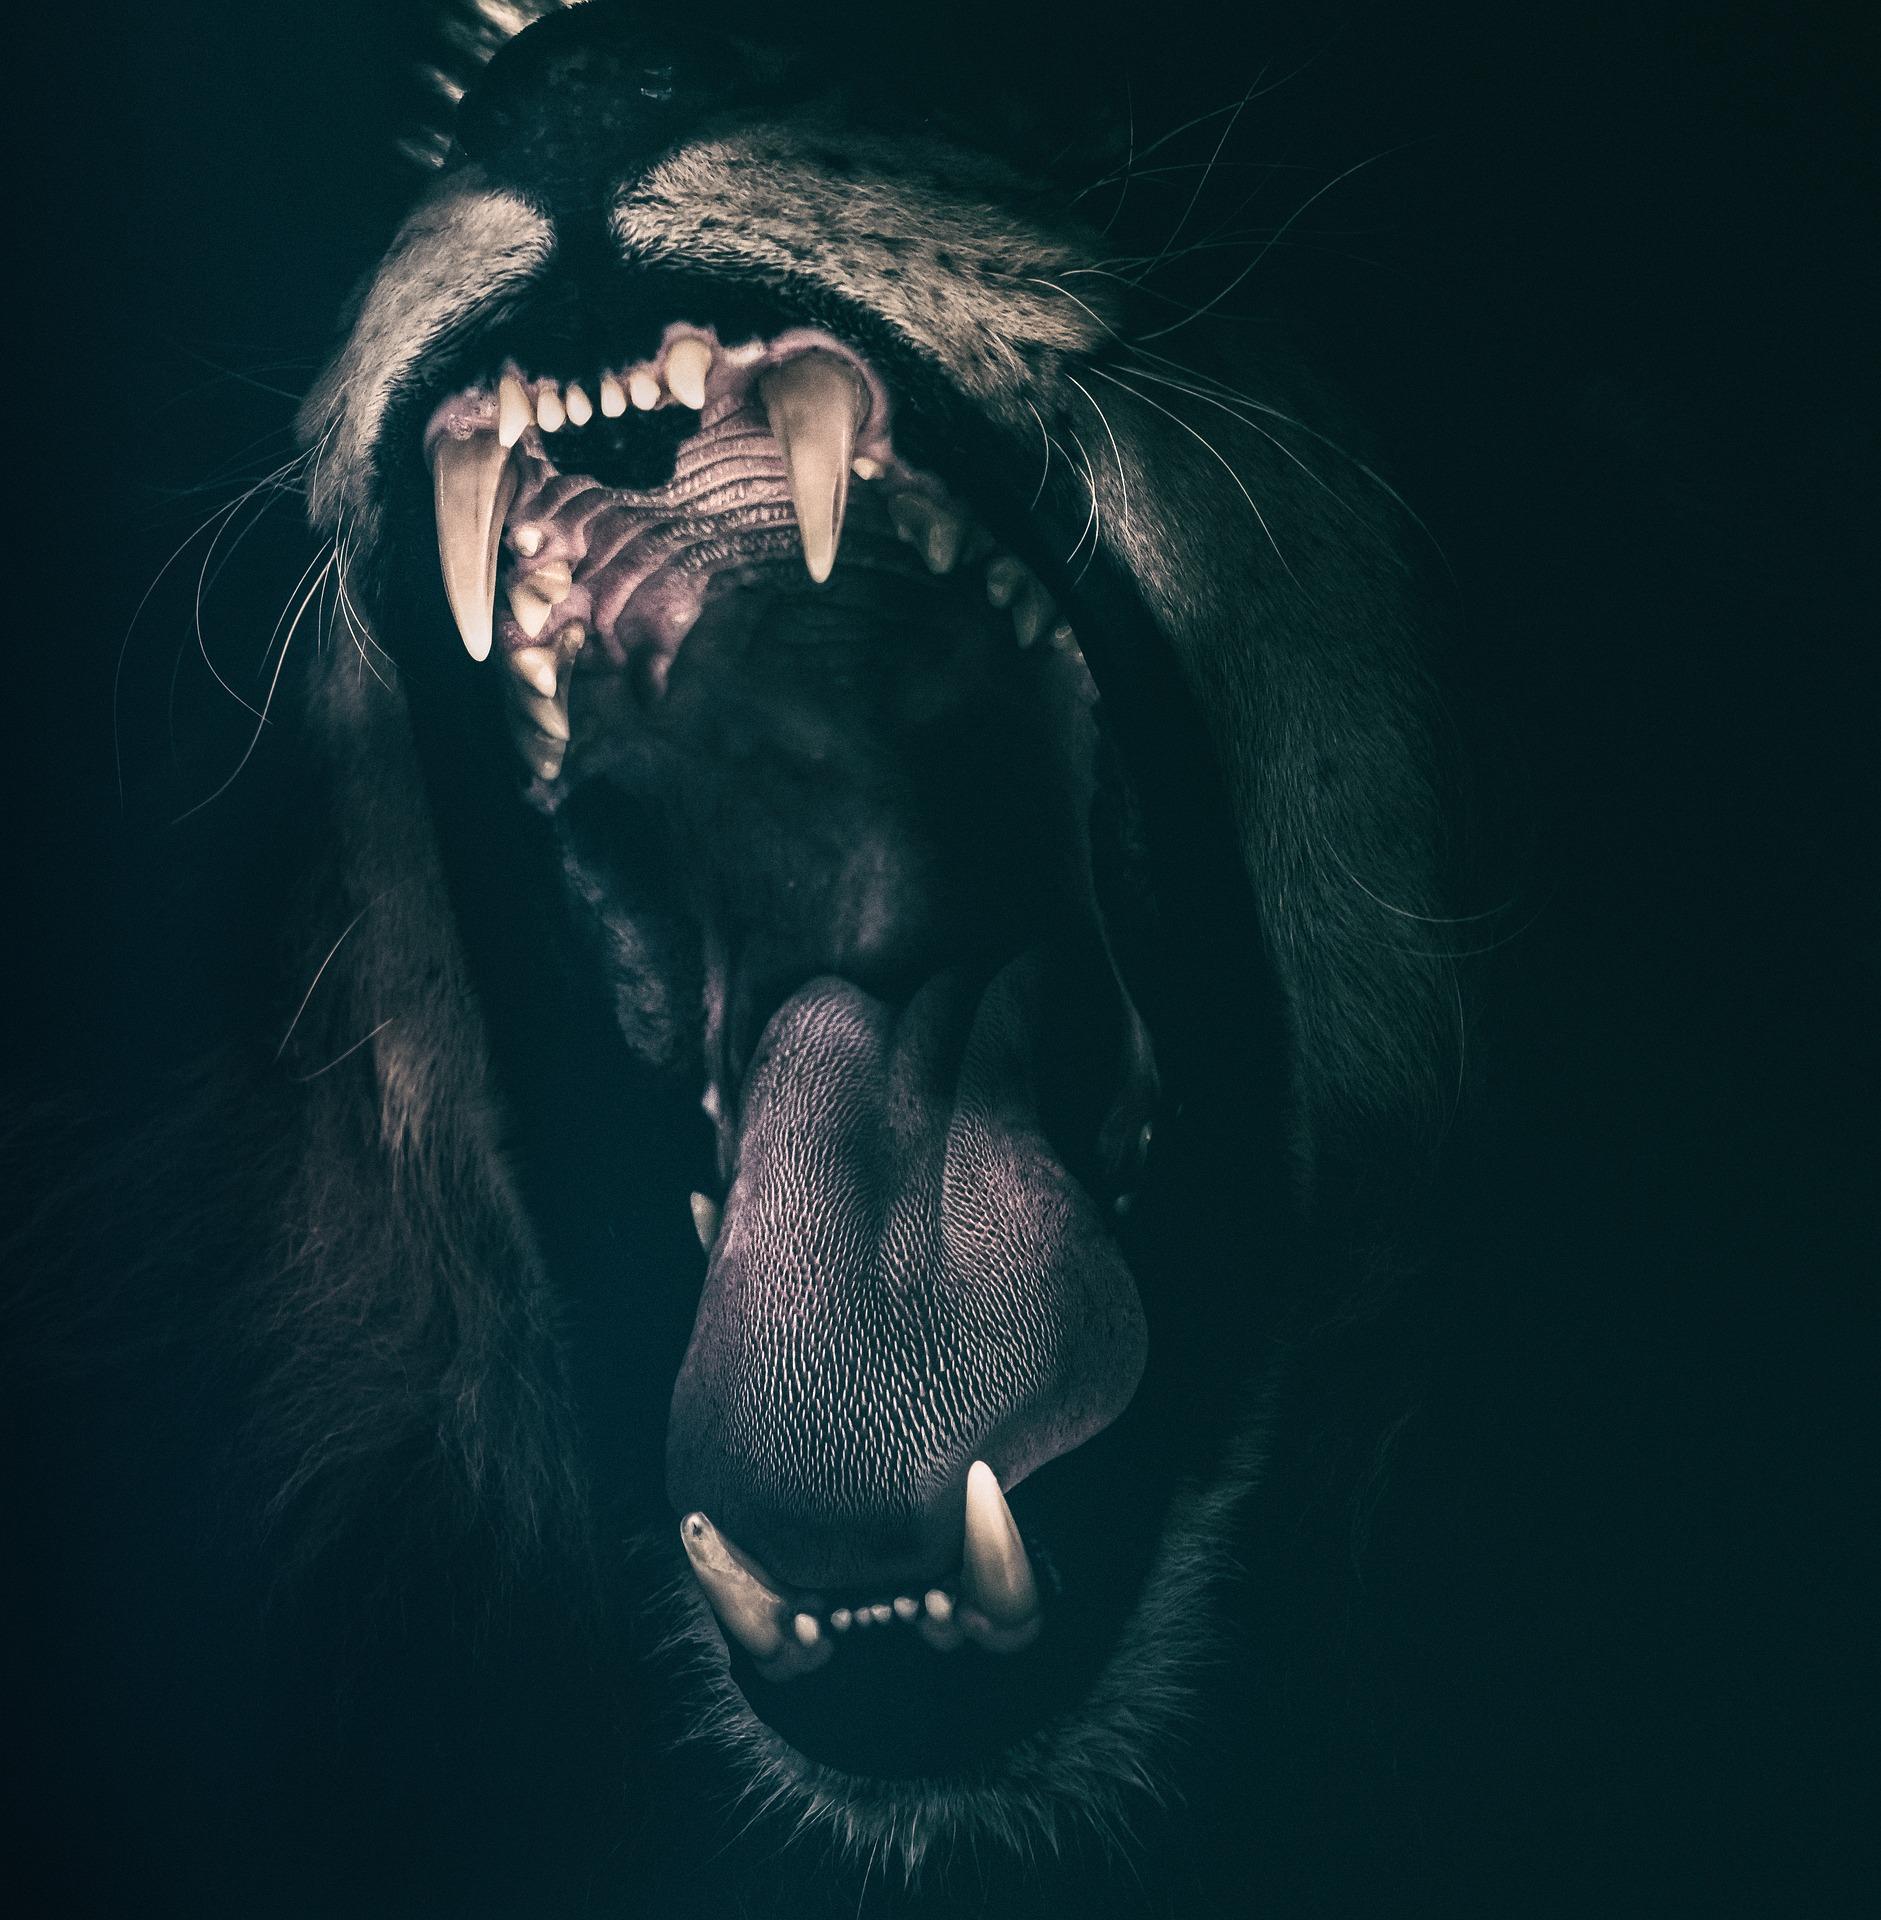 lion 2885618 1920 - Satan nechce, aby se o něm mluvilo pravdivě